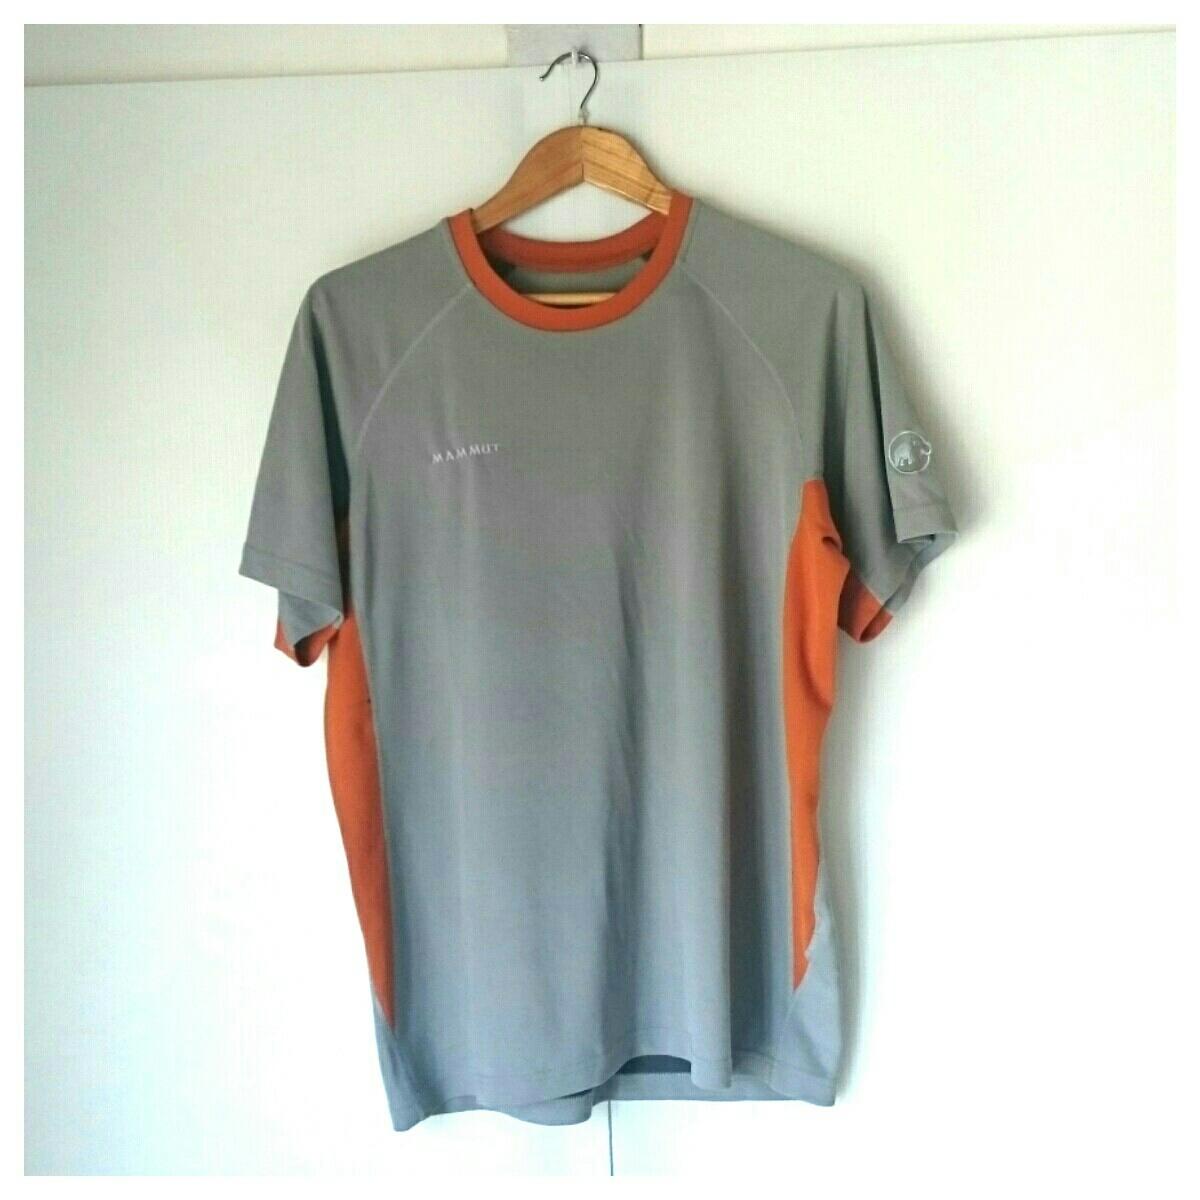 MAMMU T-shirt Mammut size 2XL gray : Real Yahoo auction salling